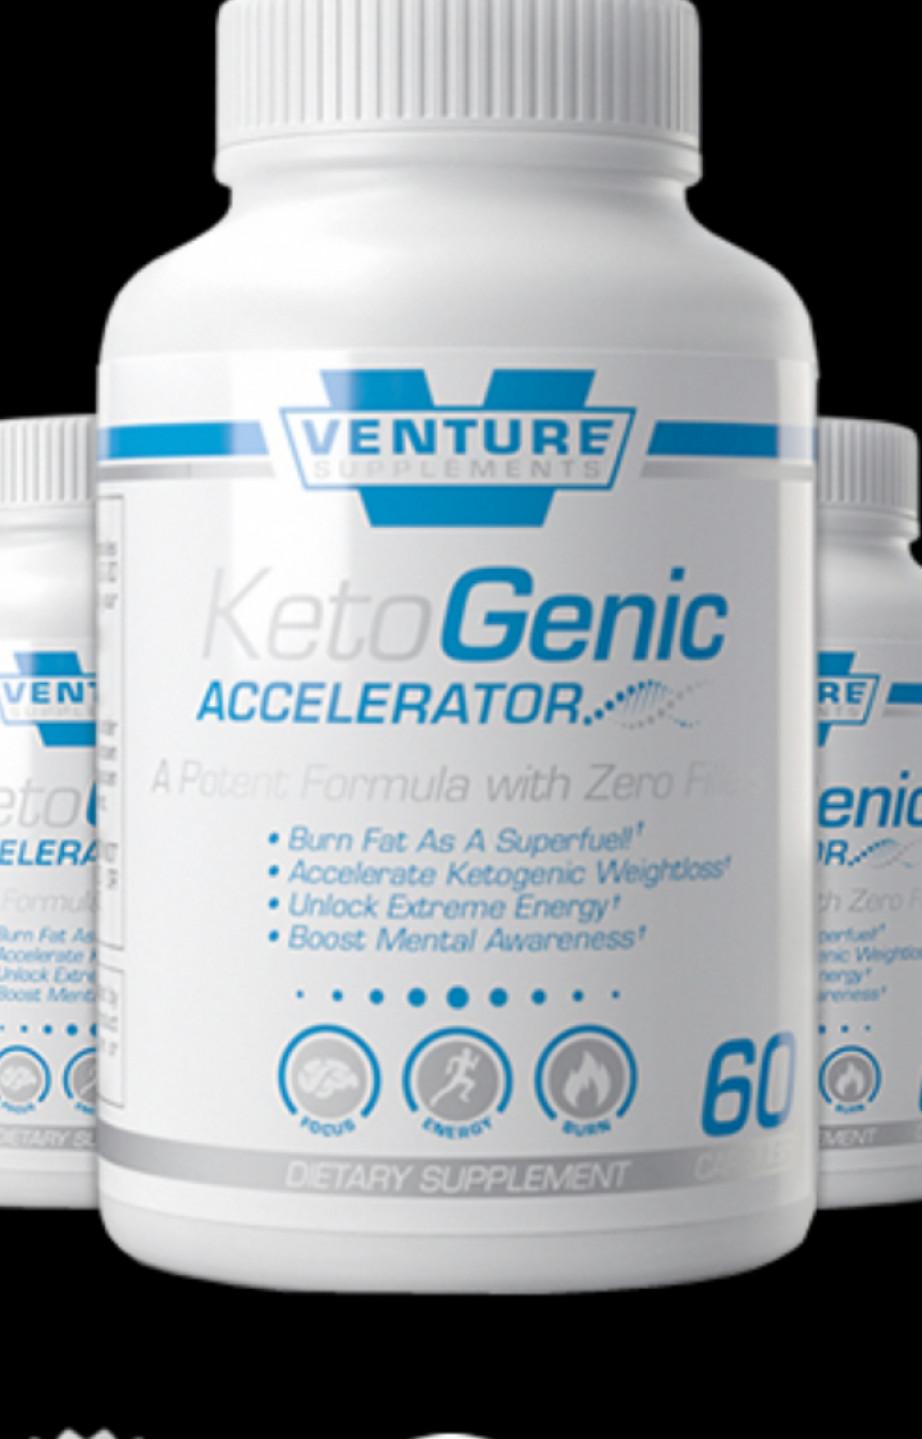 KetoGenic Accelerator - Amazon - Aktion - comments